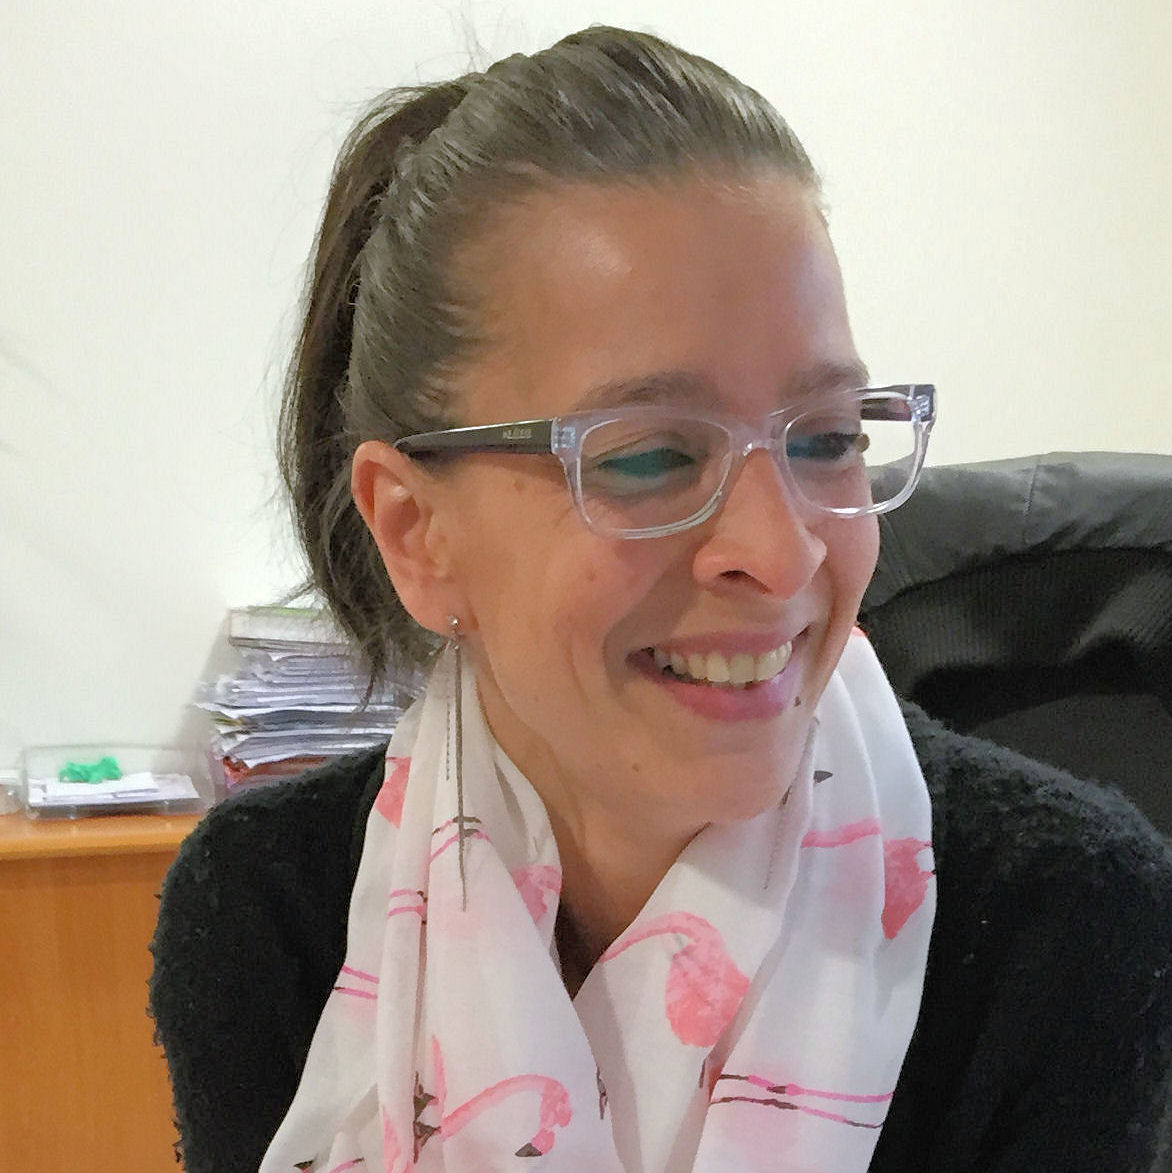 Sonya de l'équipe des audioprothésistes du centre auditif Minitone de Nîmes.